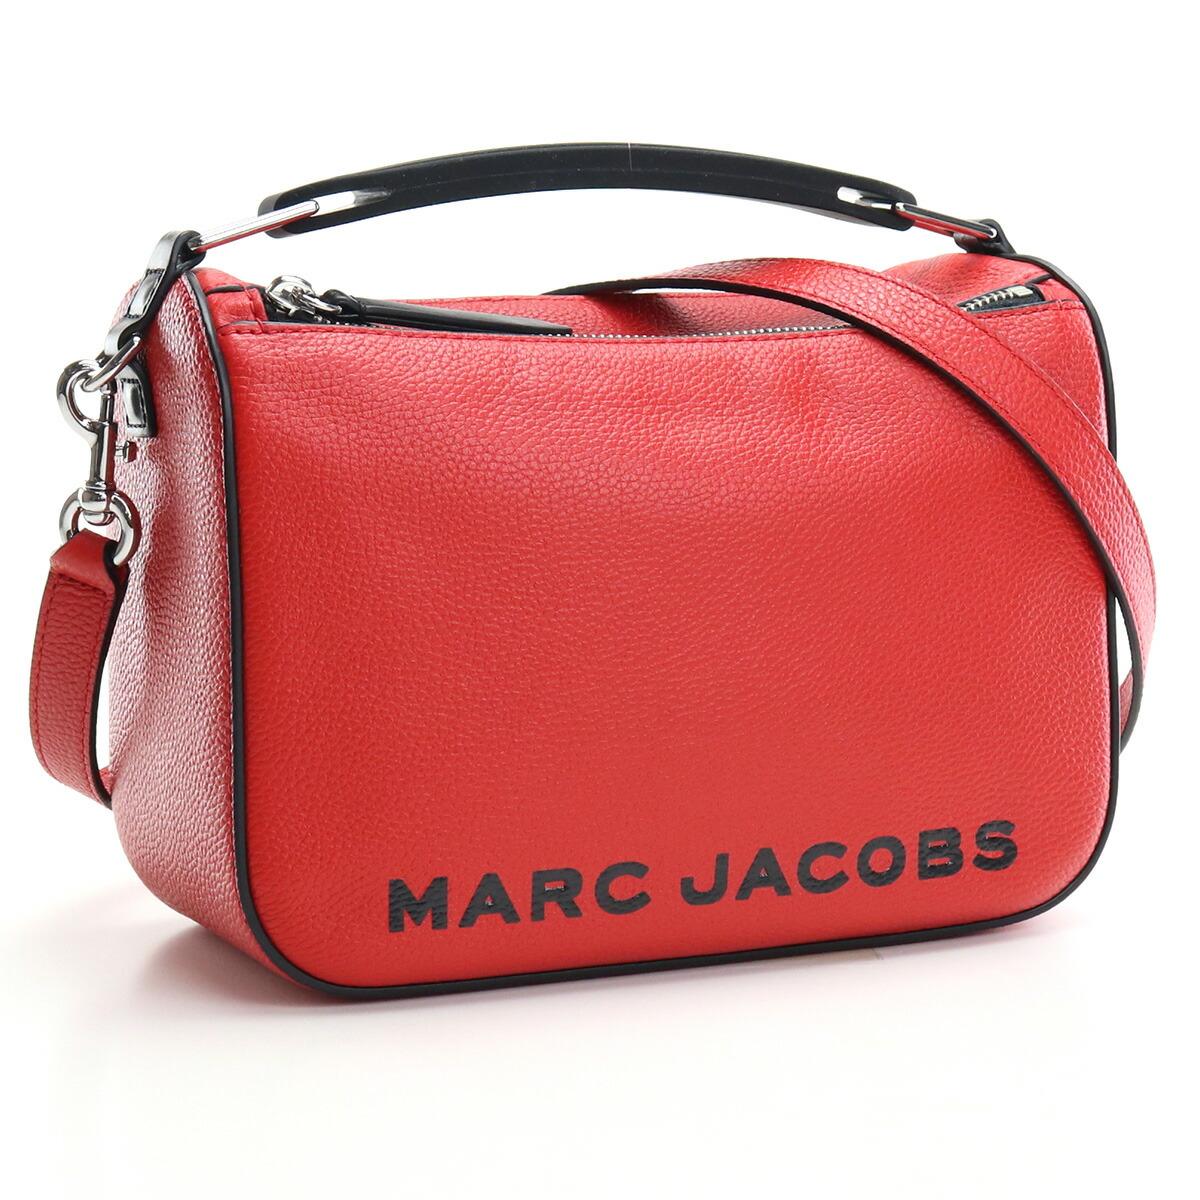 マーク・ジェイコブス MARC JACOBS THE SOFT BOX 23 斜め掛け ショルダーバッグ ブランドバッグ M0017037 617 TRUE RED レッド系